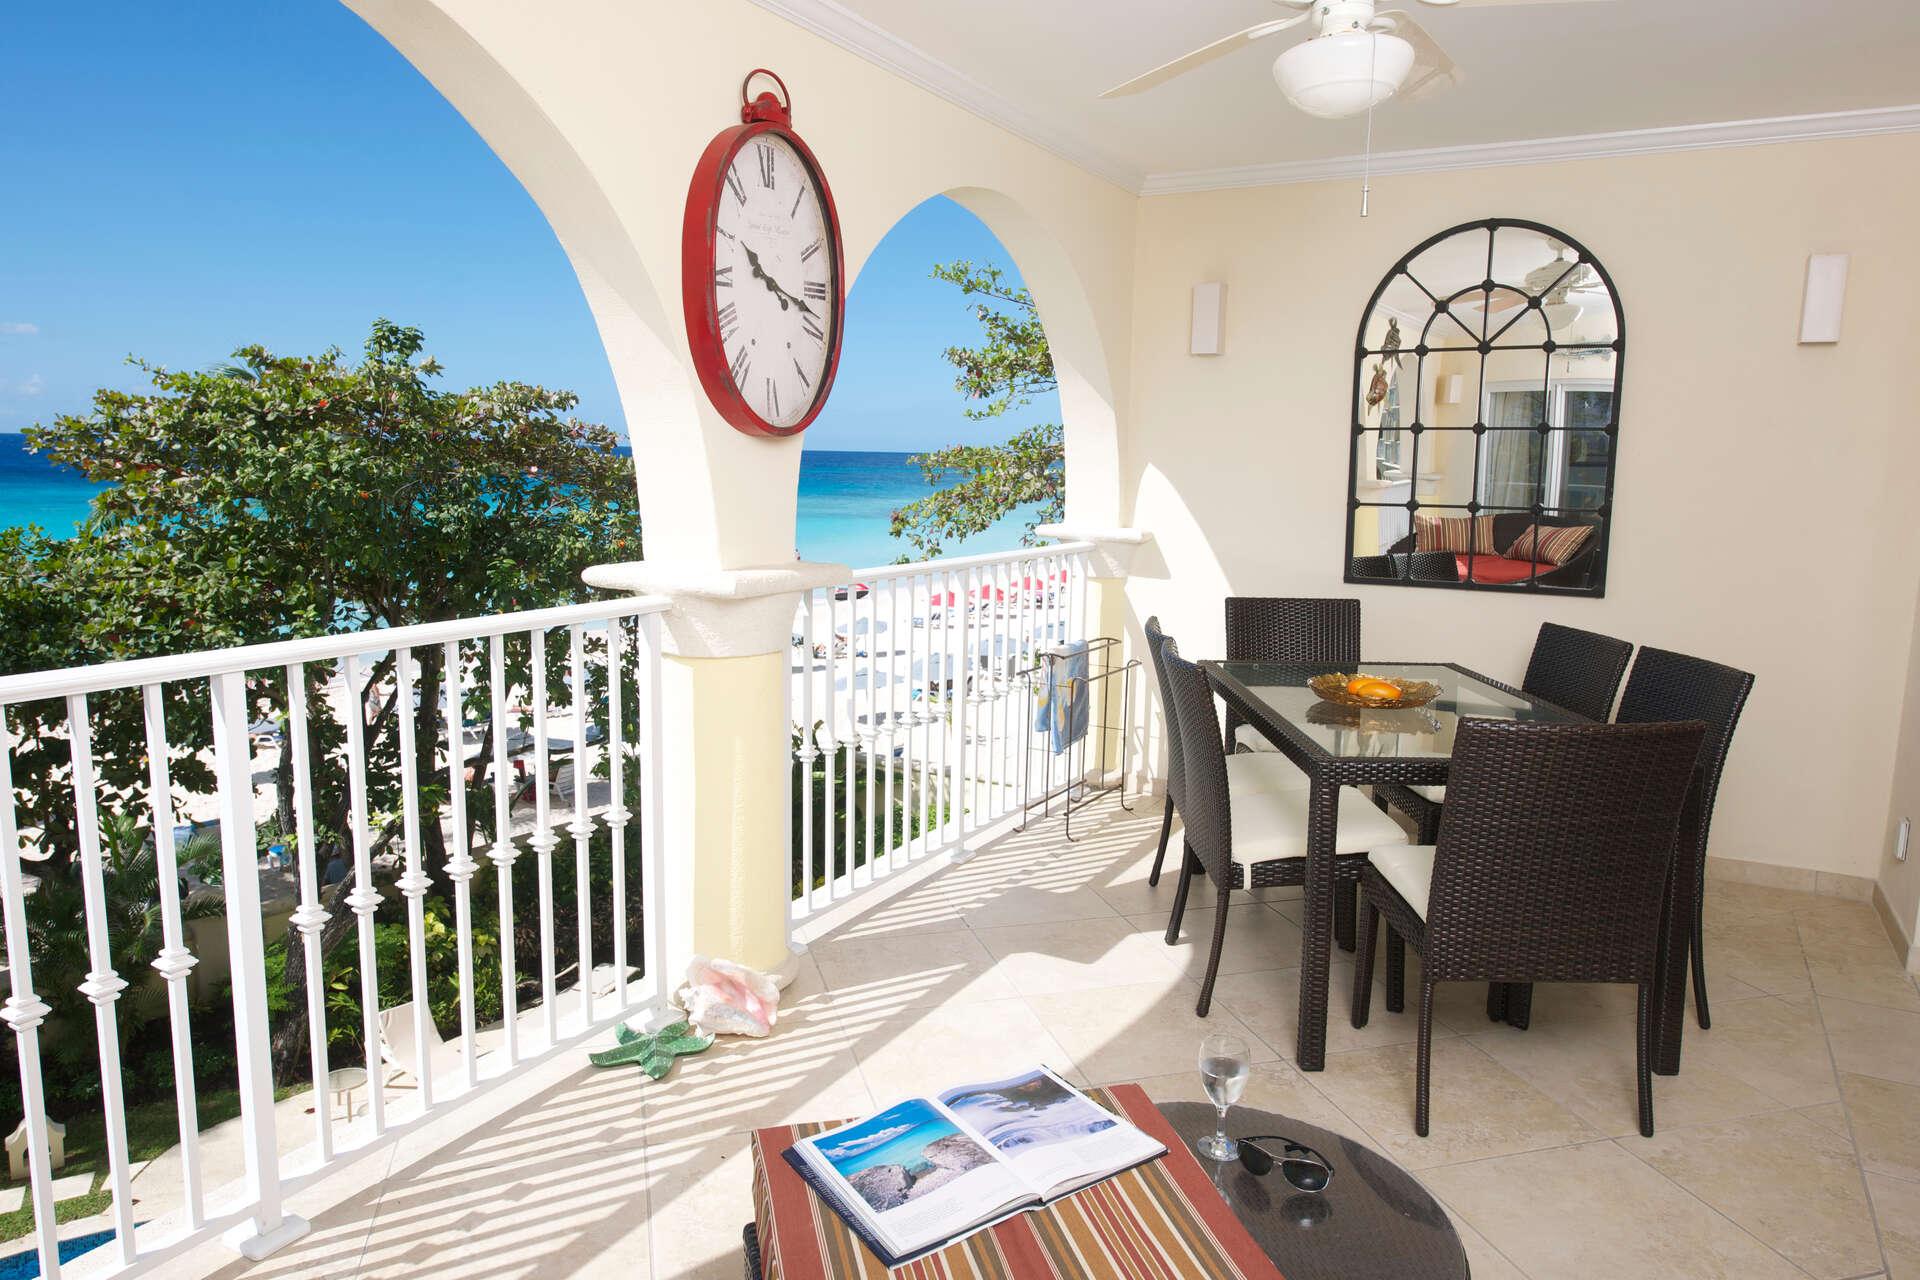 Luxury villa rentals caribbean - Barbados - Christ church - Sapphire beach condos - Sapphire Beach 203 - Image 1/14